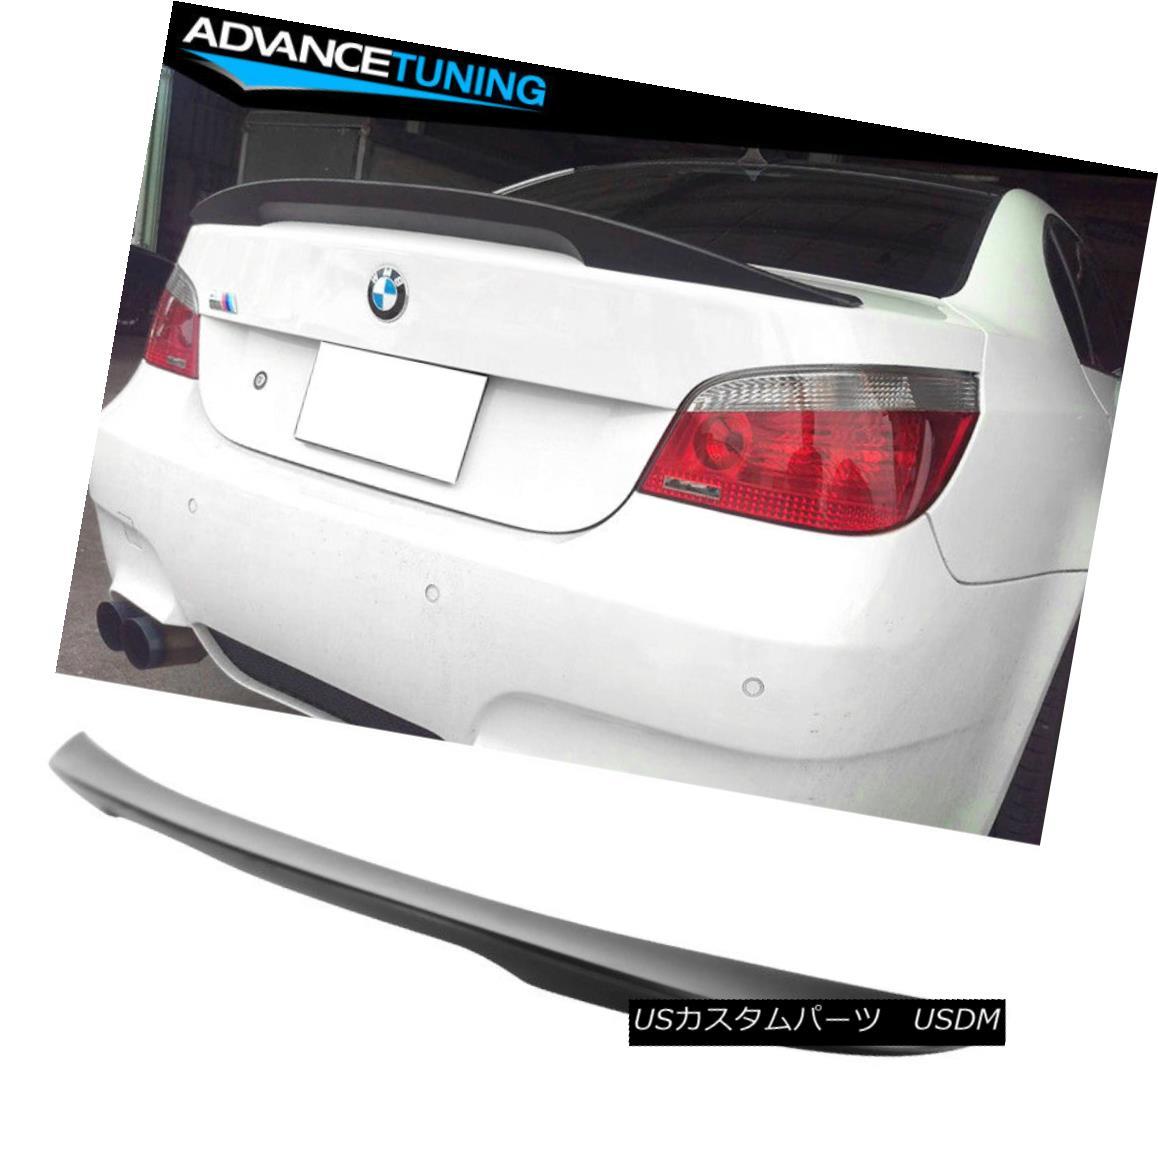 エアロパーツ Fits 04-10 BMW E60 5-Series Sedan High Kick Performance ABS Trunk Spoiler Wing フィット04-10 BMW E60 5シリーズセダンハイキックパフォーマンスABSトランクスポイラーウイング